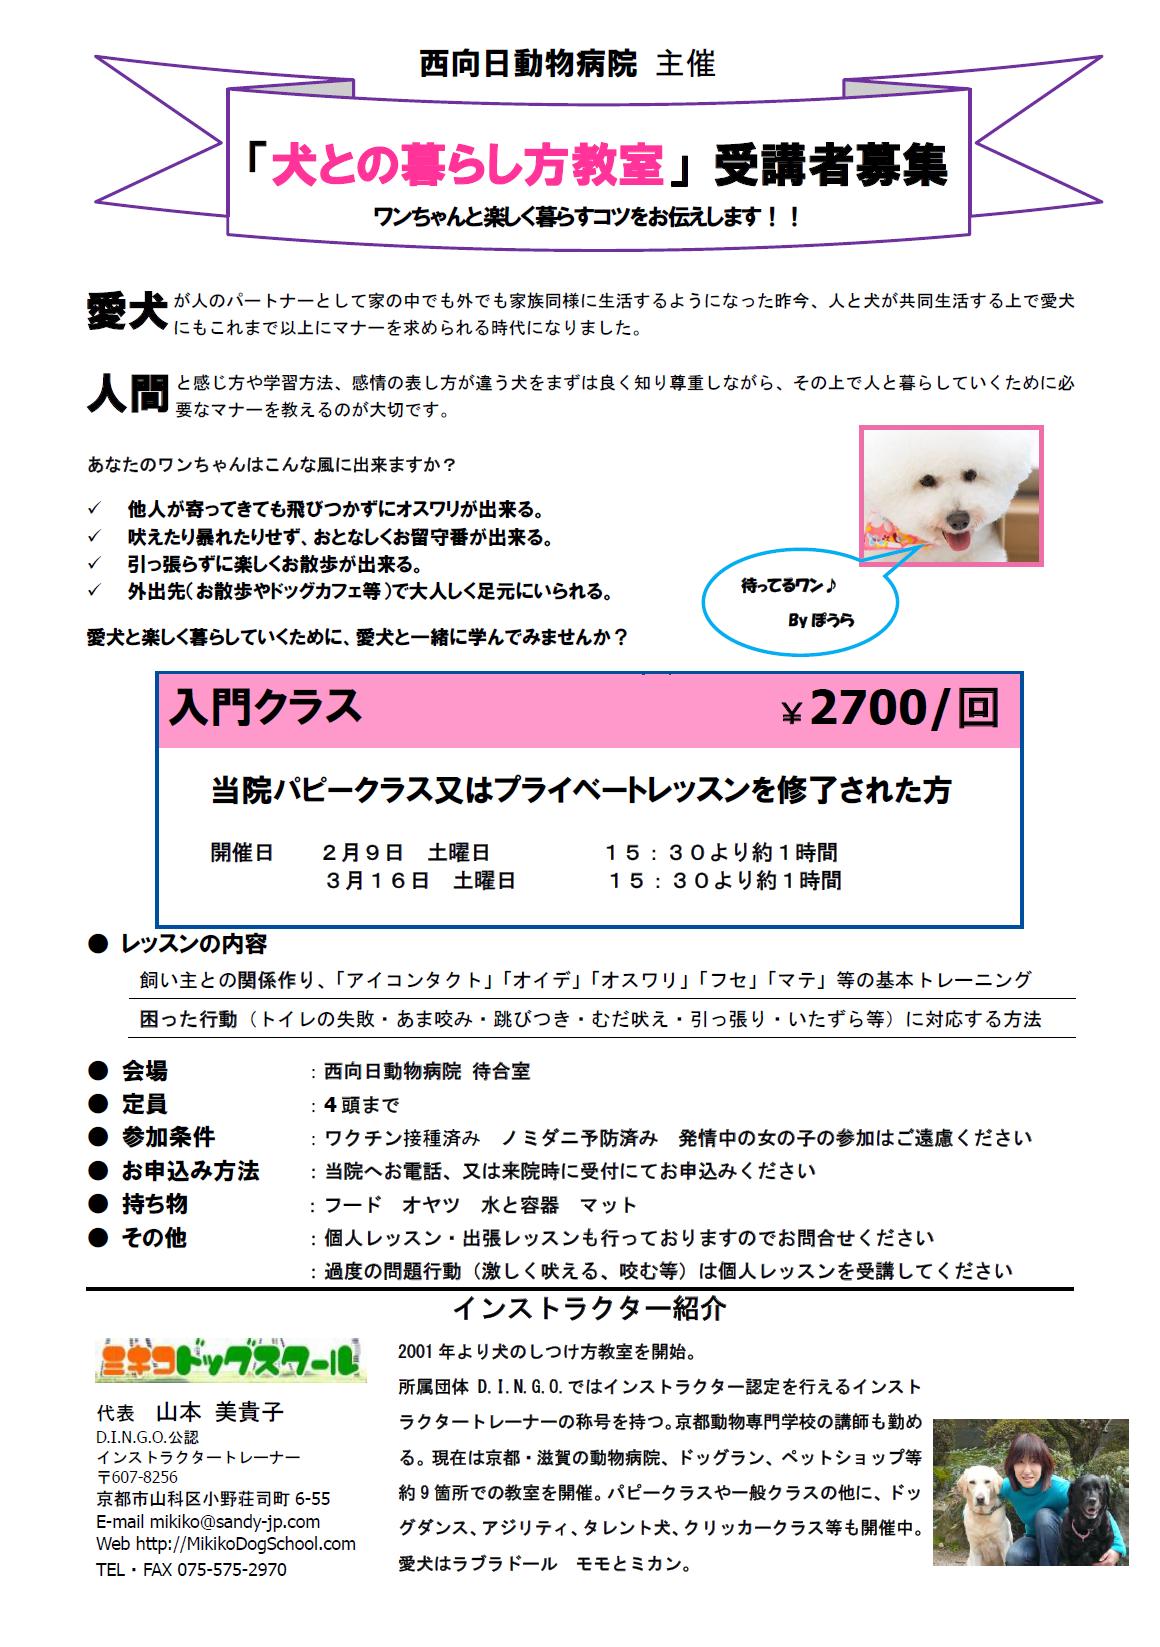 犬との暮らし方教室(2月・3月)参加者募集のお知らせ